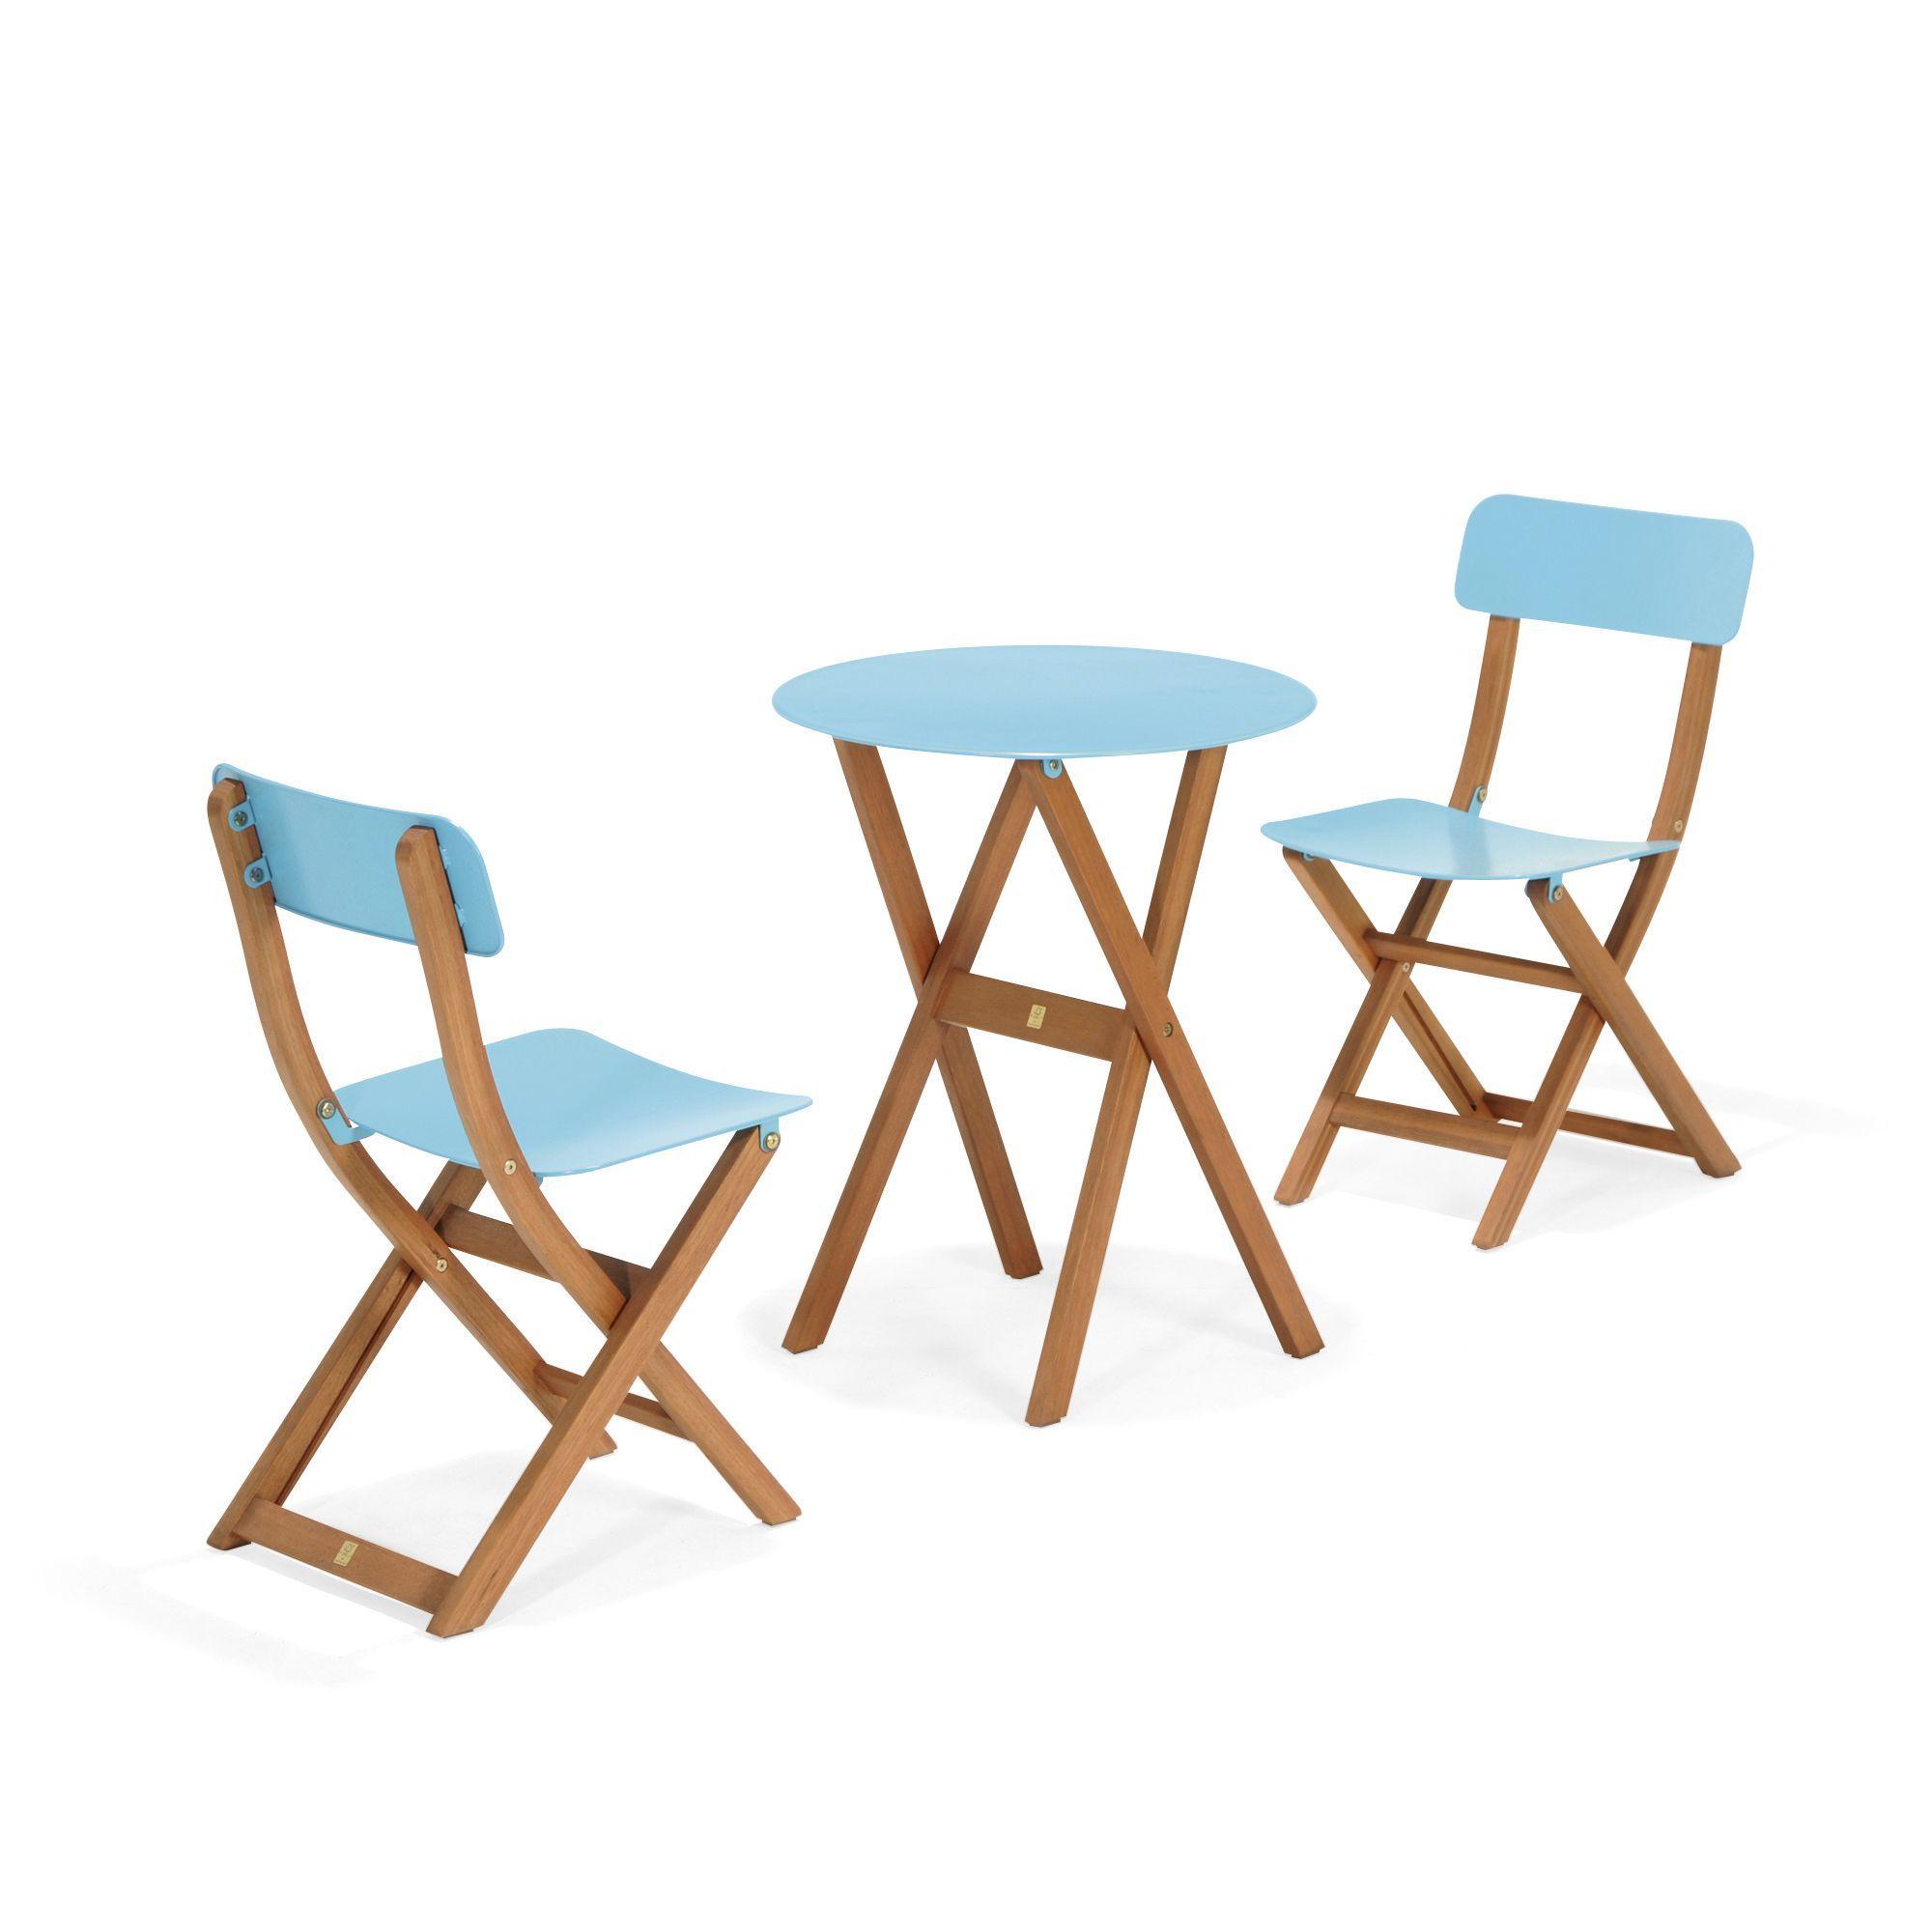 Ensemble 2 chaises et 1 table de jardin bleu - Urban out - PROMOS du ...